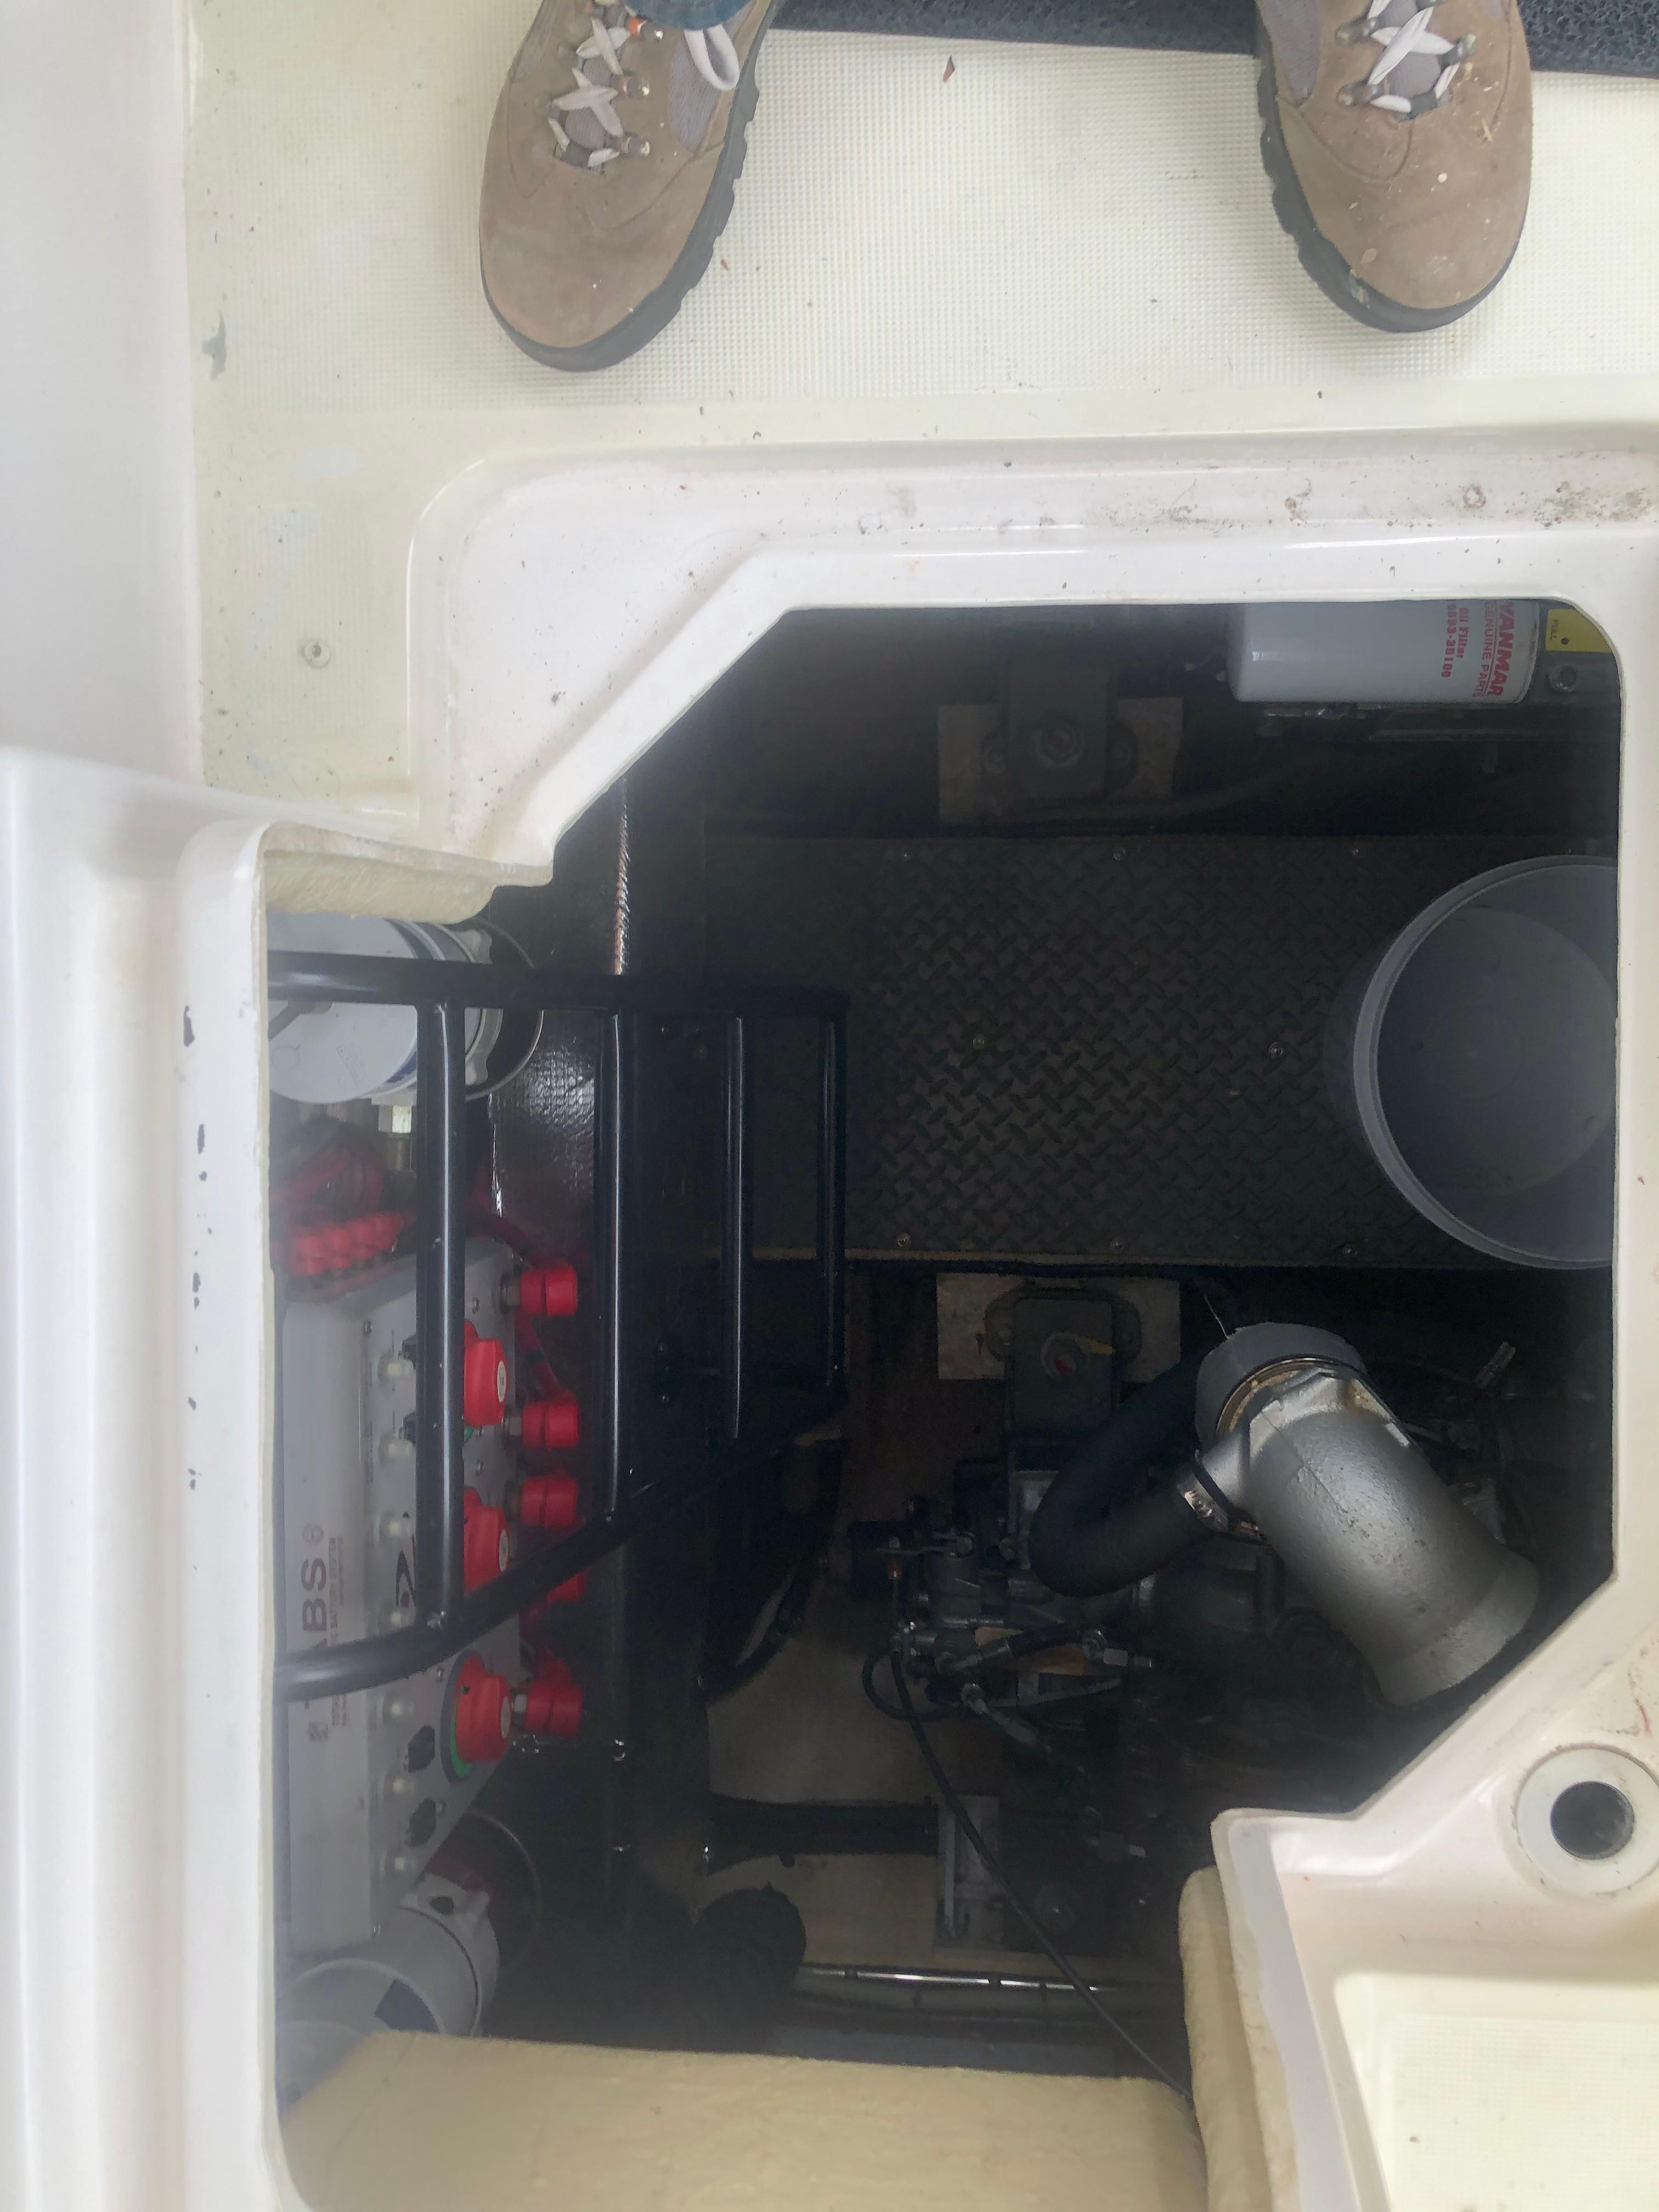 Regal Commodore - Photo: #23